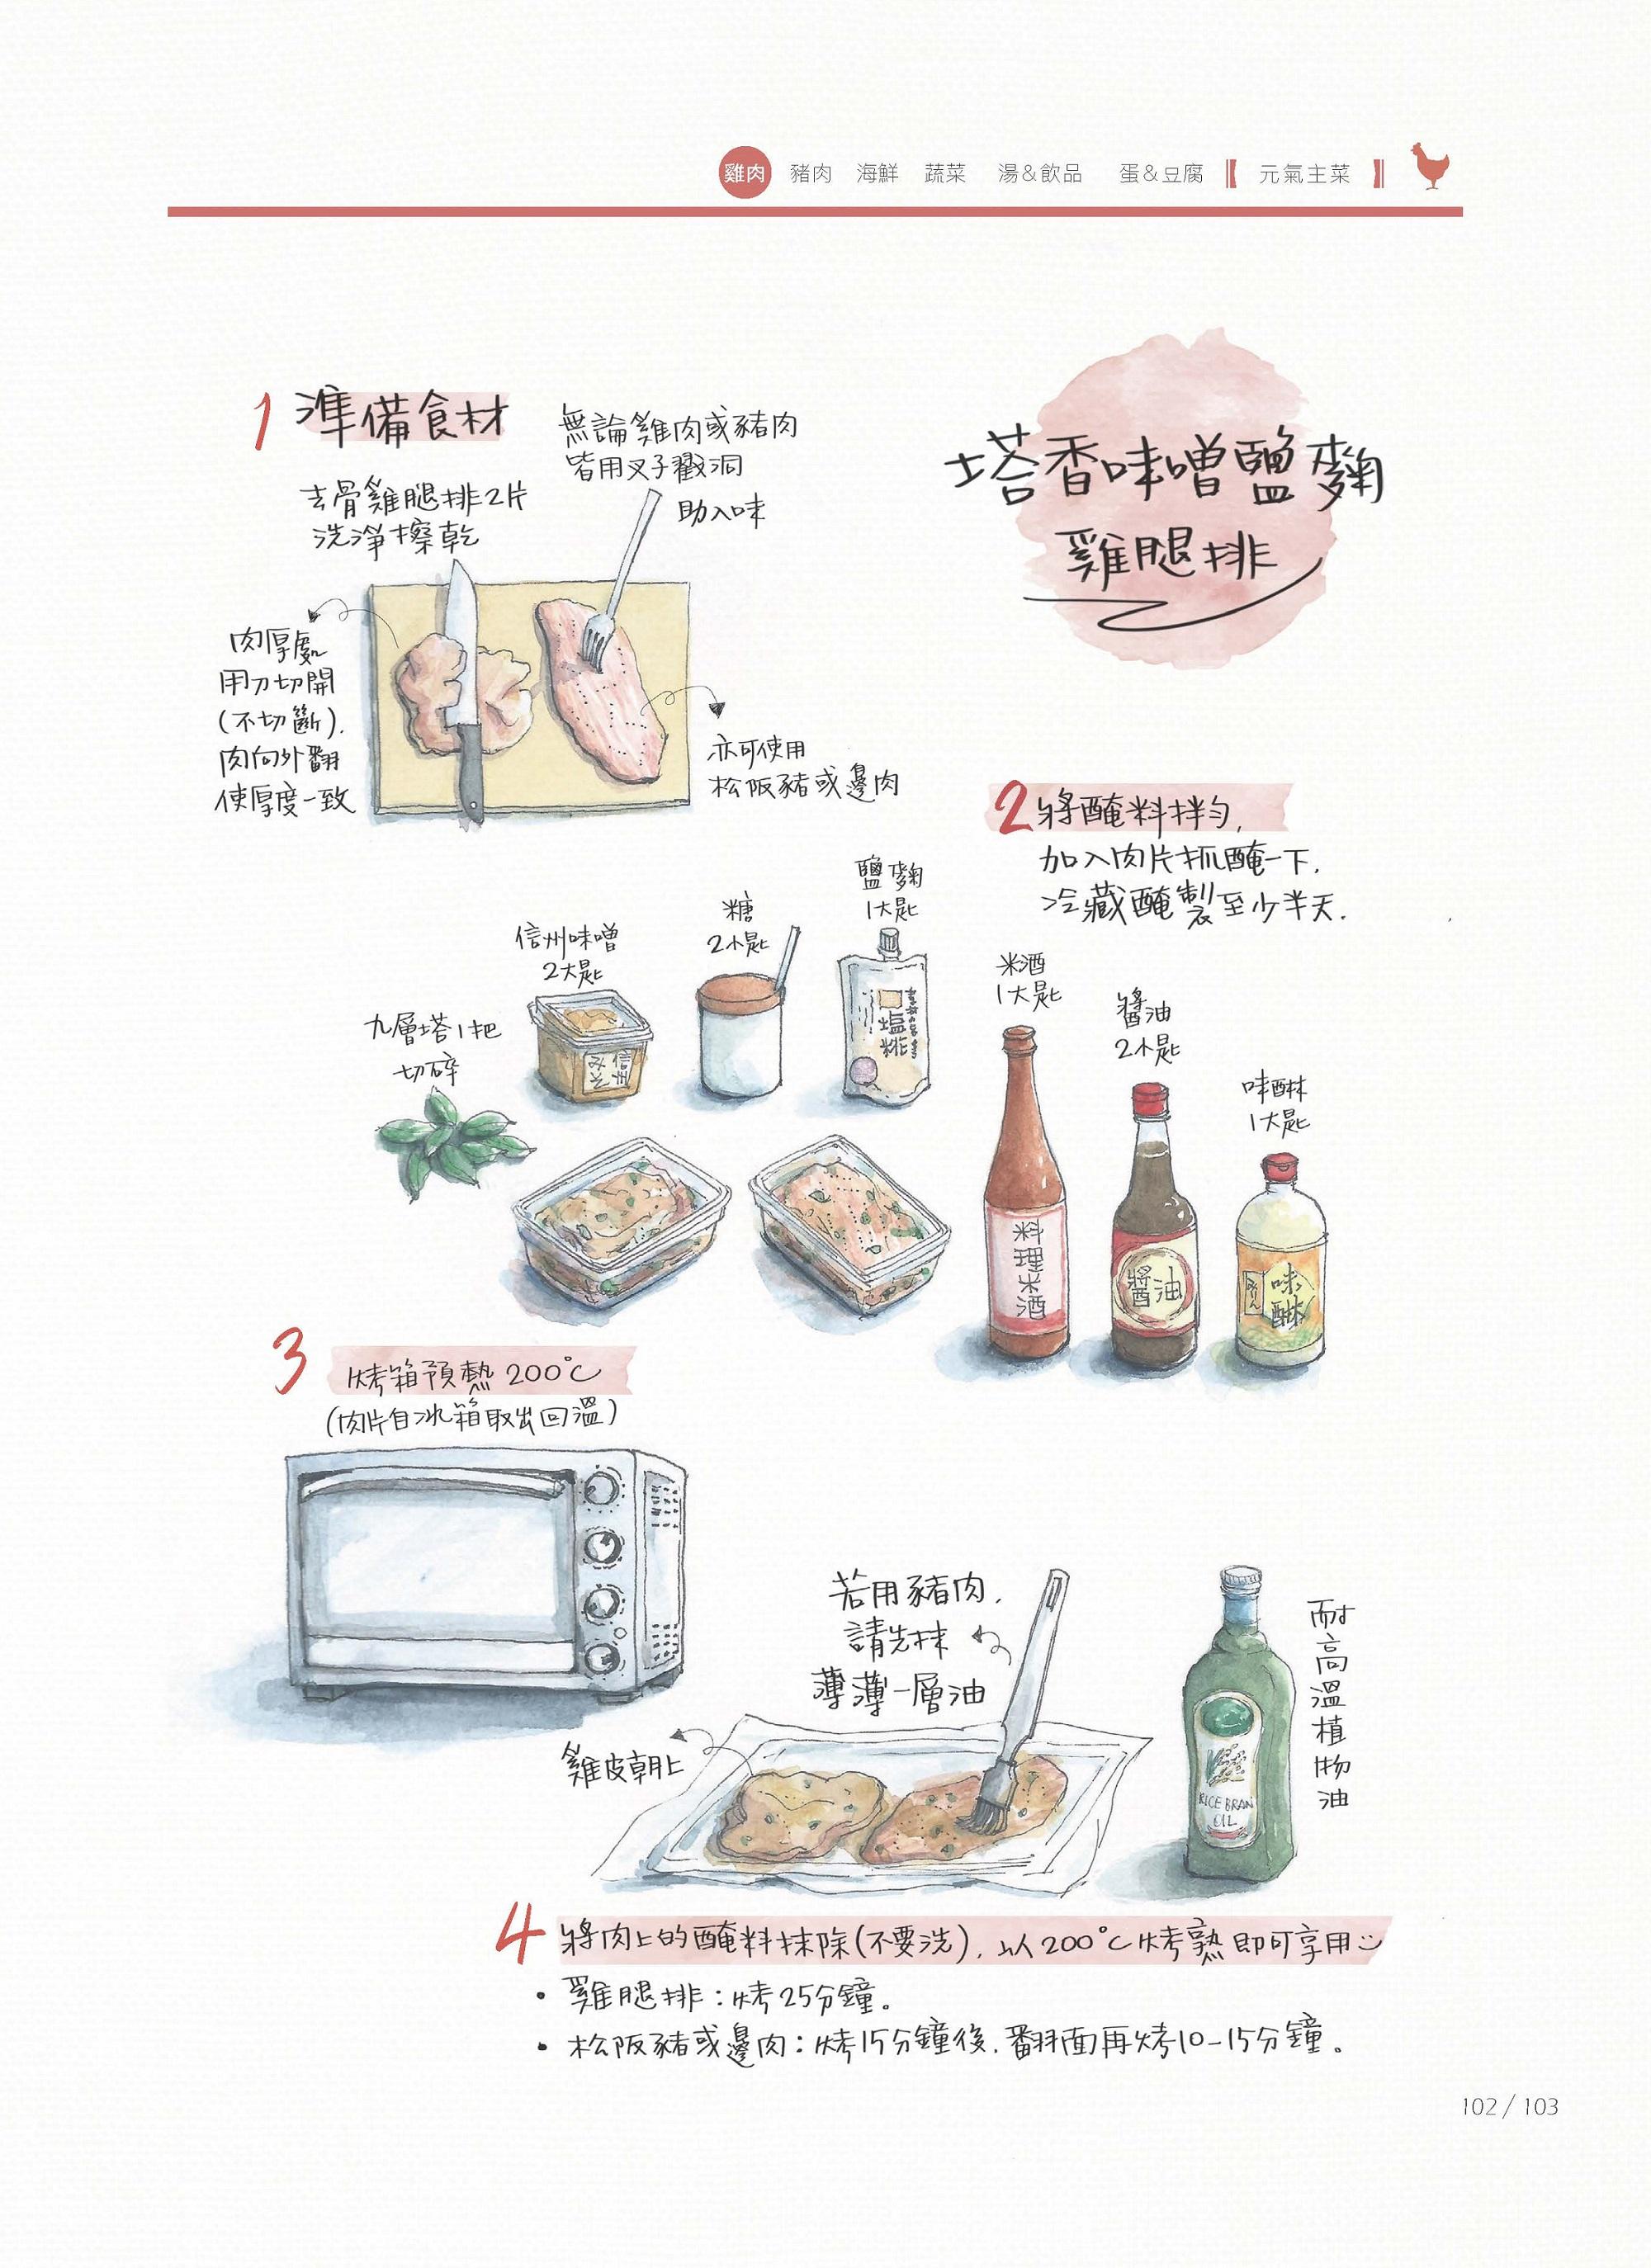 夏季清爽料理